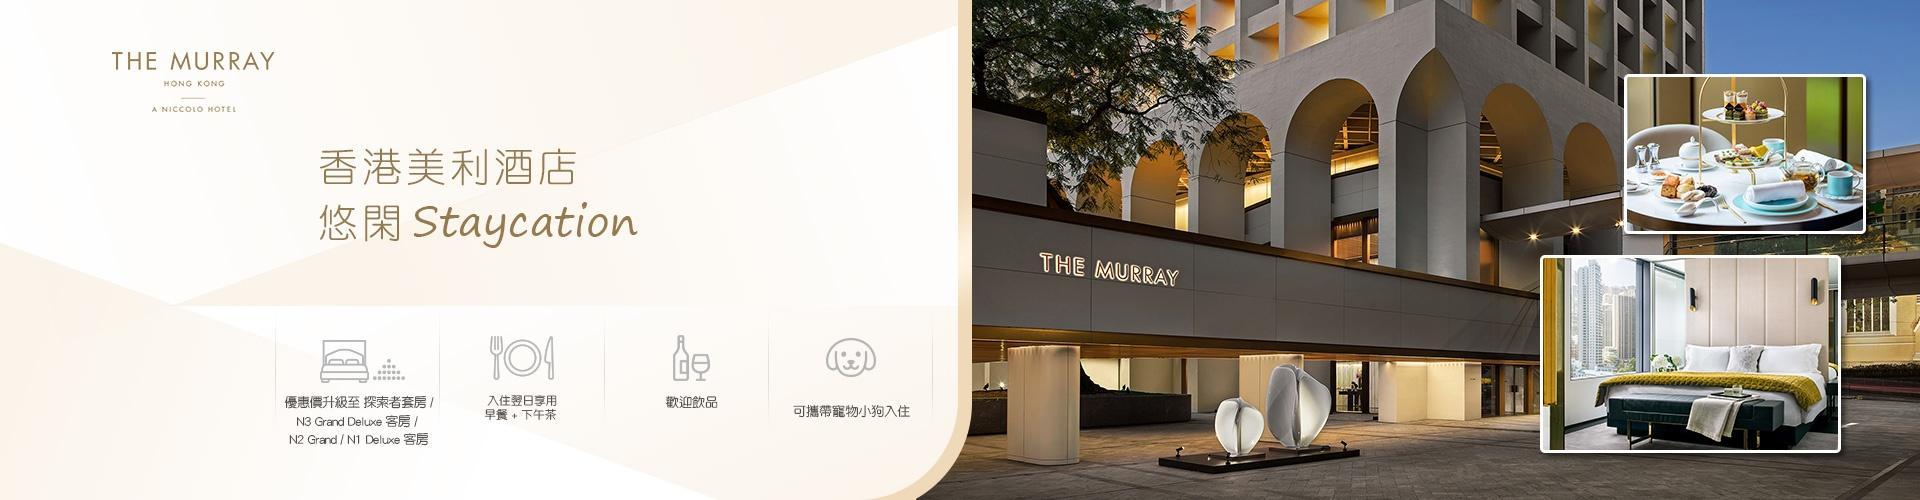 香港美利酒店 Staycation套餐 (悠閑住宿套票)